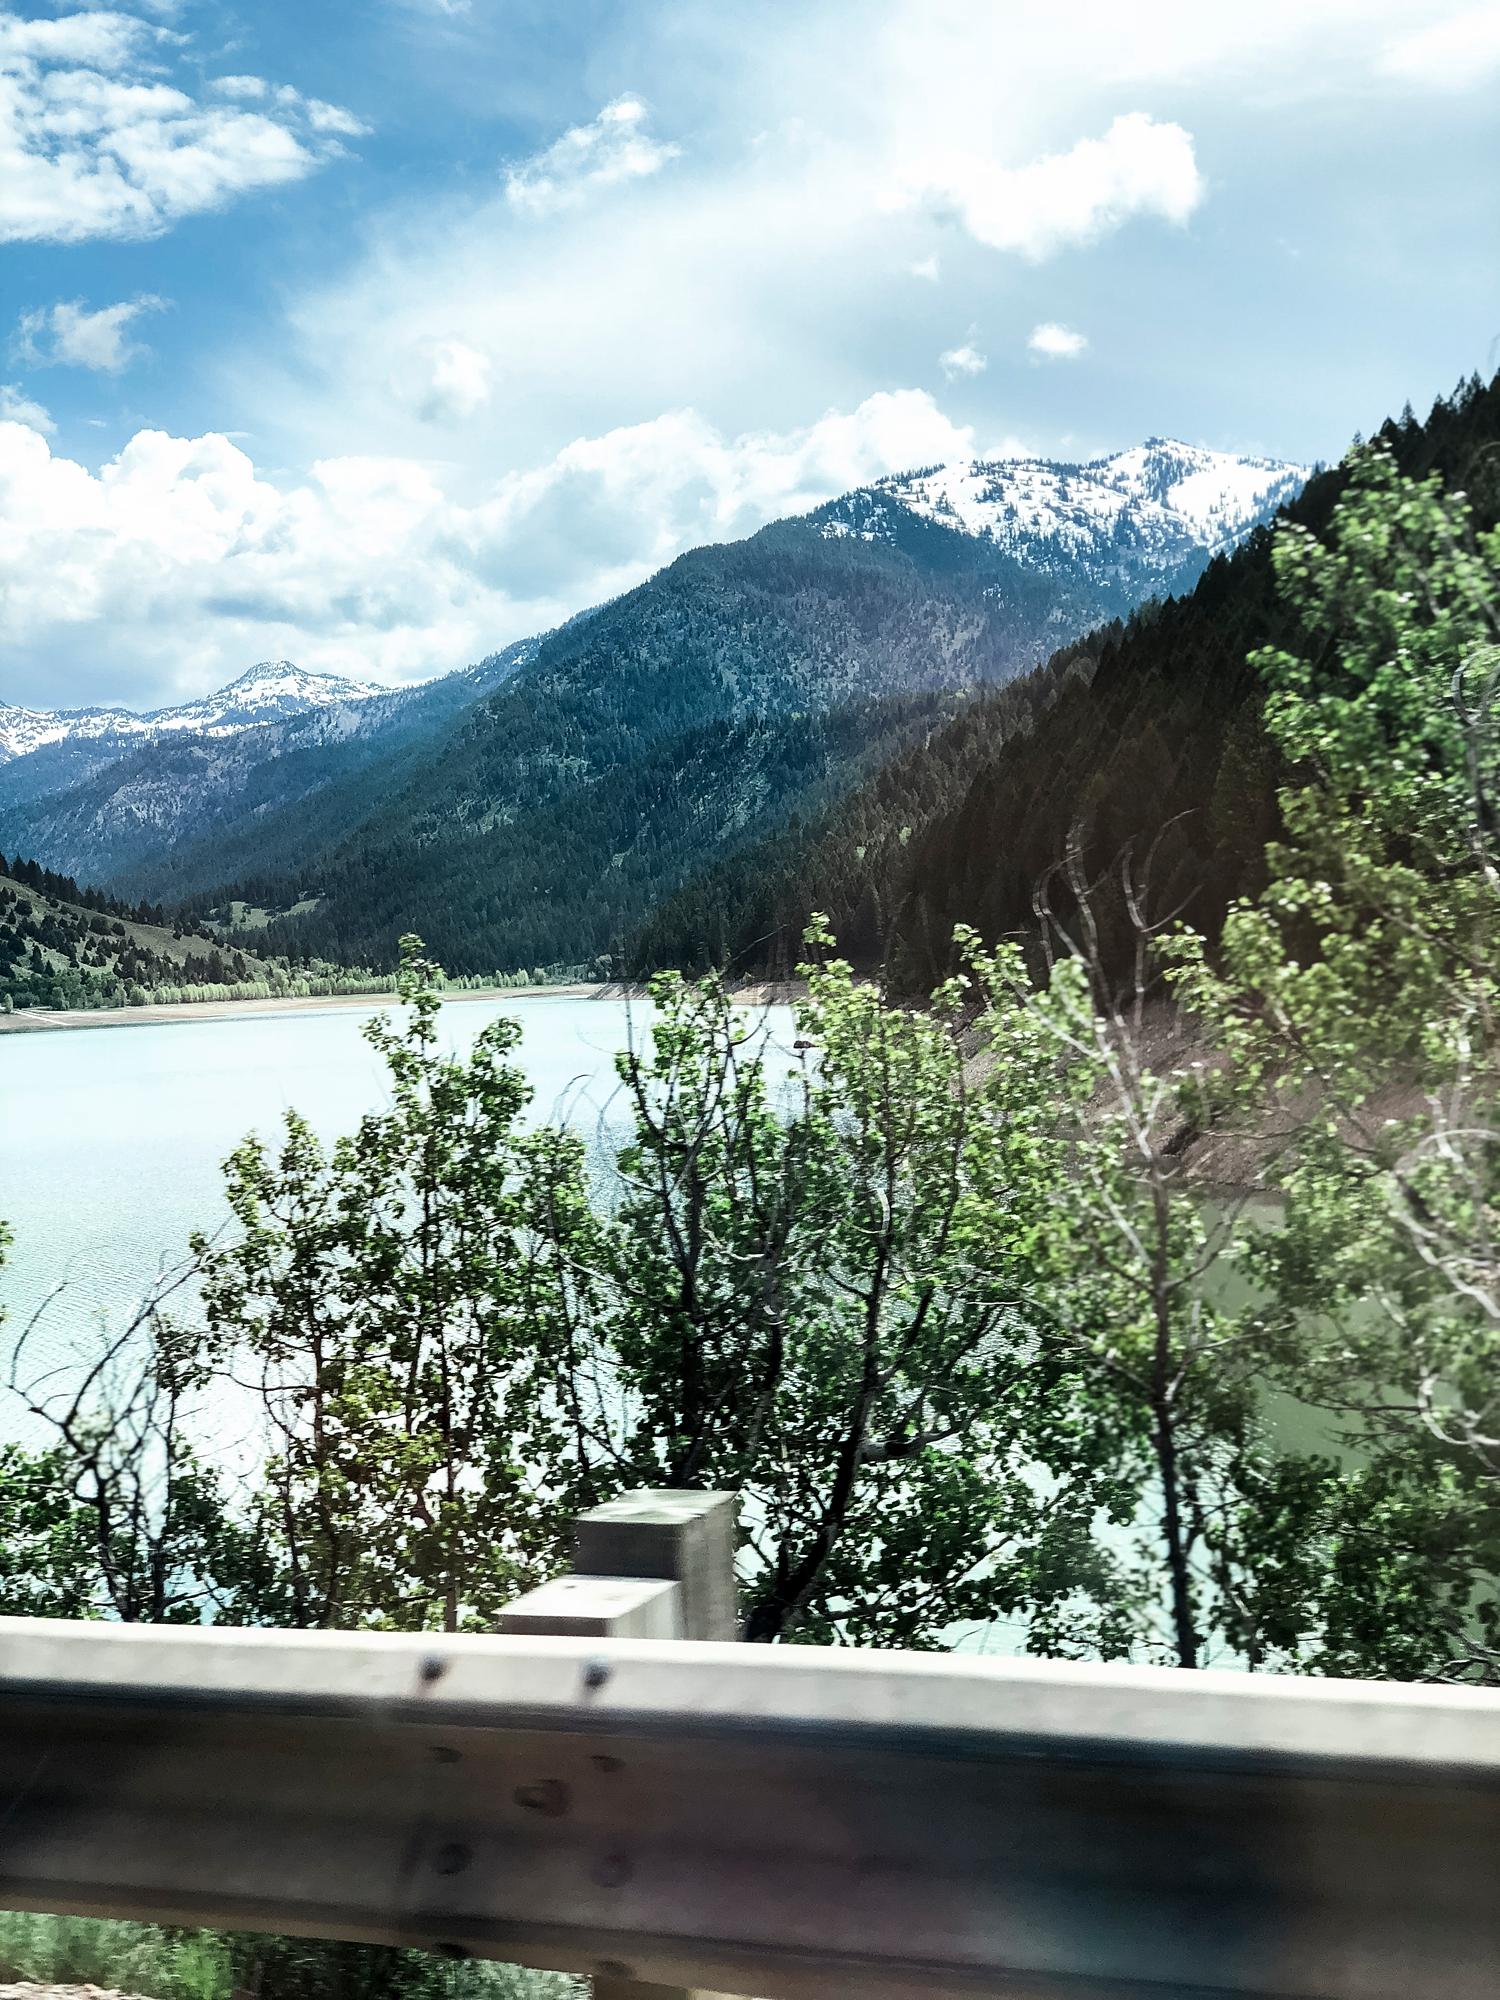 Idaho Falls Photo Diary iphone photos-7.jpg